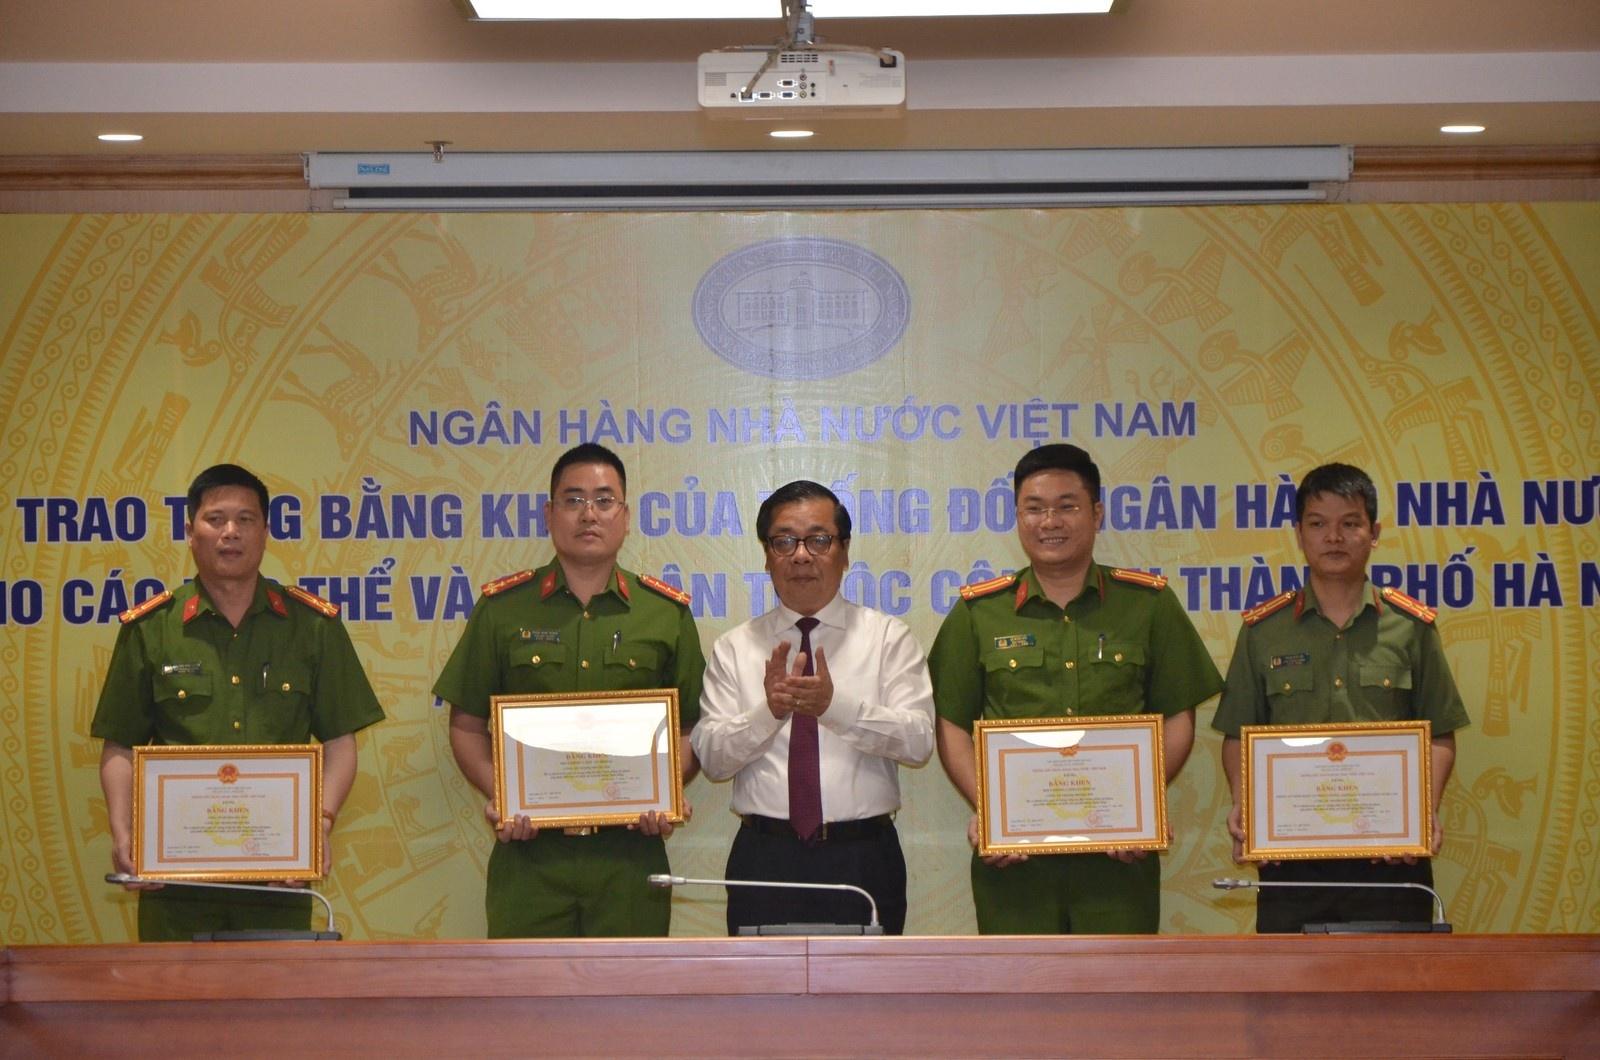 trao tang bang khen cho tap the ca nhan vi thanh tich gop phan dam bao an toan he thong ngan hang